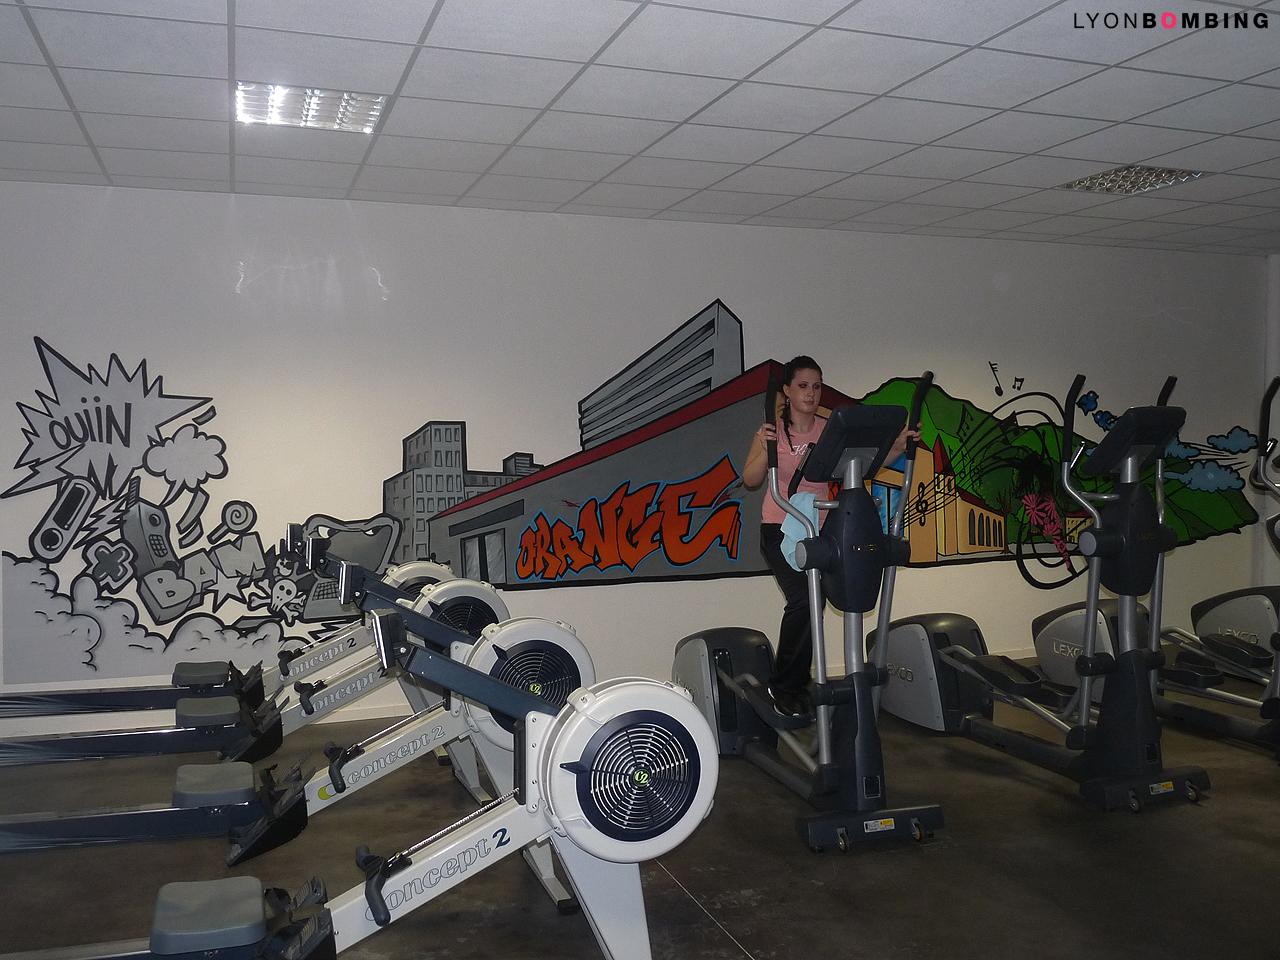 Déco intérieur salle de sport